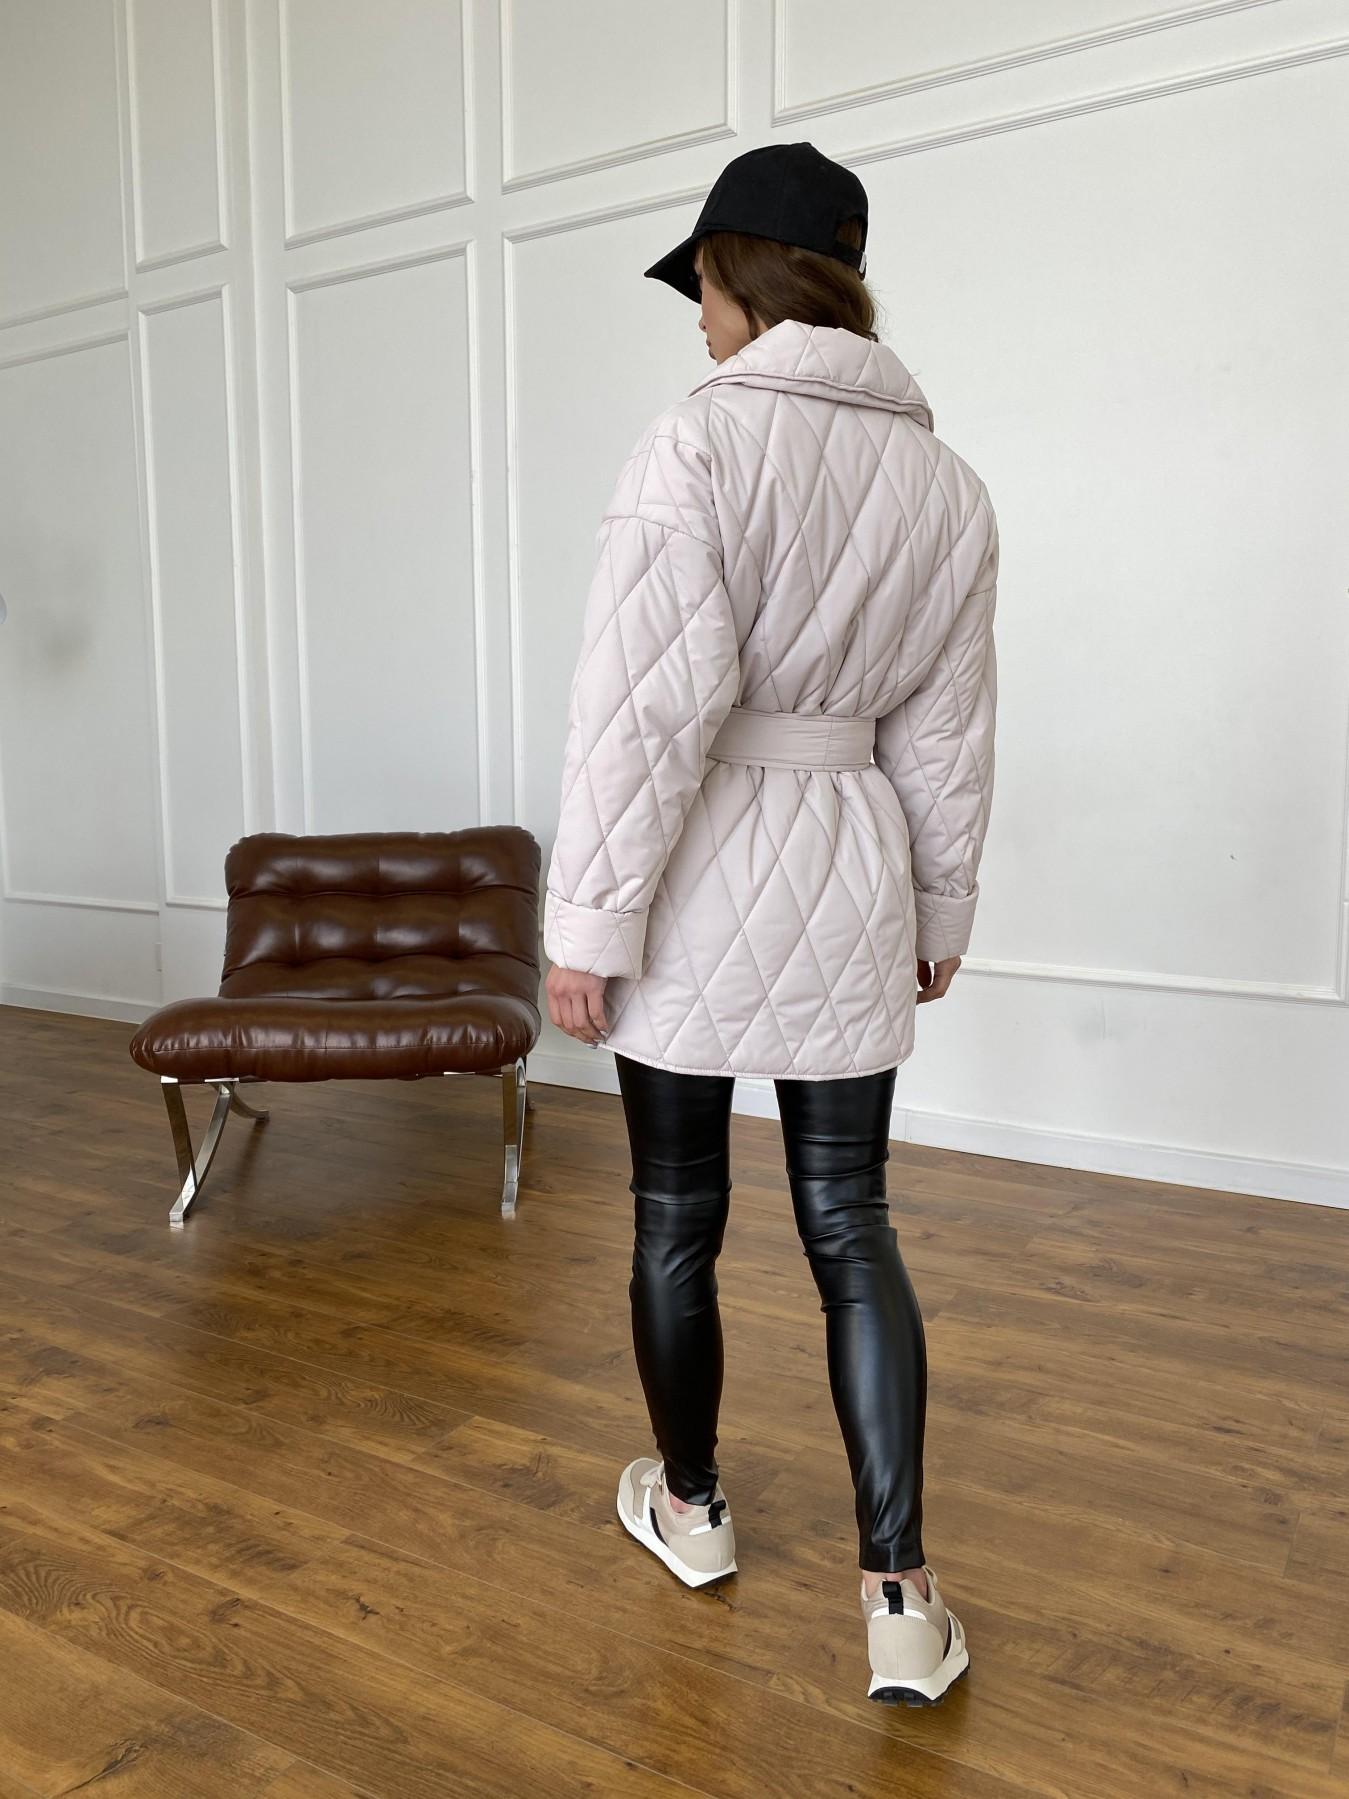 Норд куртка из плащевой ткани стеганая 10883 АРТ. 47551 Цвет: Бежевый 970 - фото 5, интернет магазин tm-modus.ru